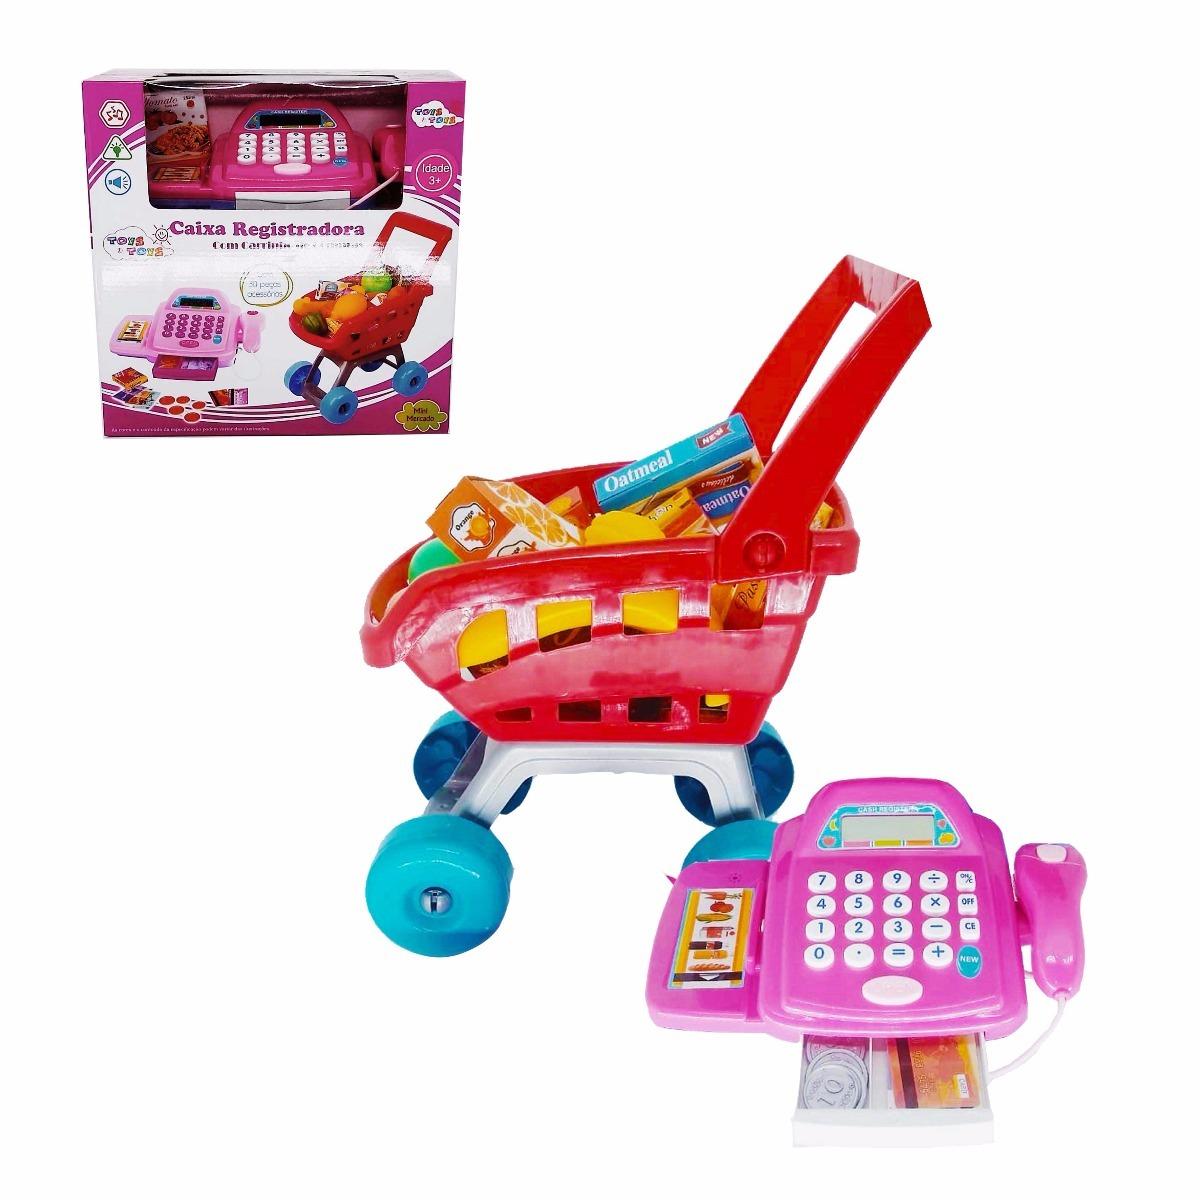 cffc7ff6fe caixa registradora infantil rosa com 30 acessórios carrinho. Carregando  zoom.